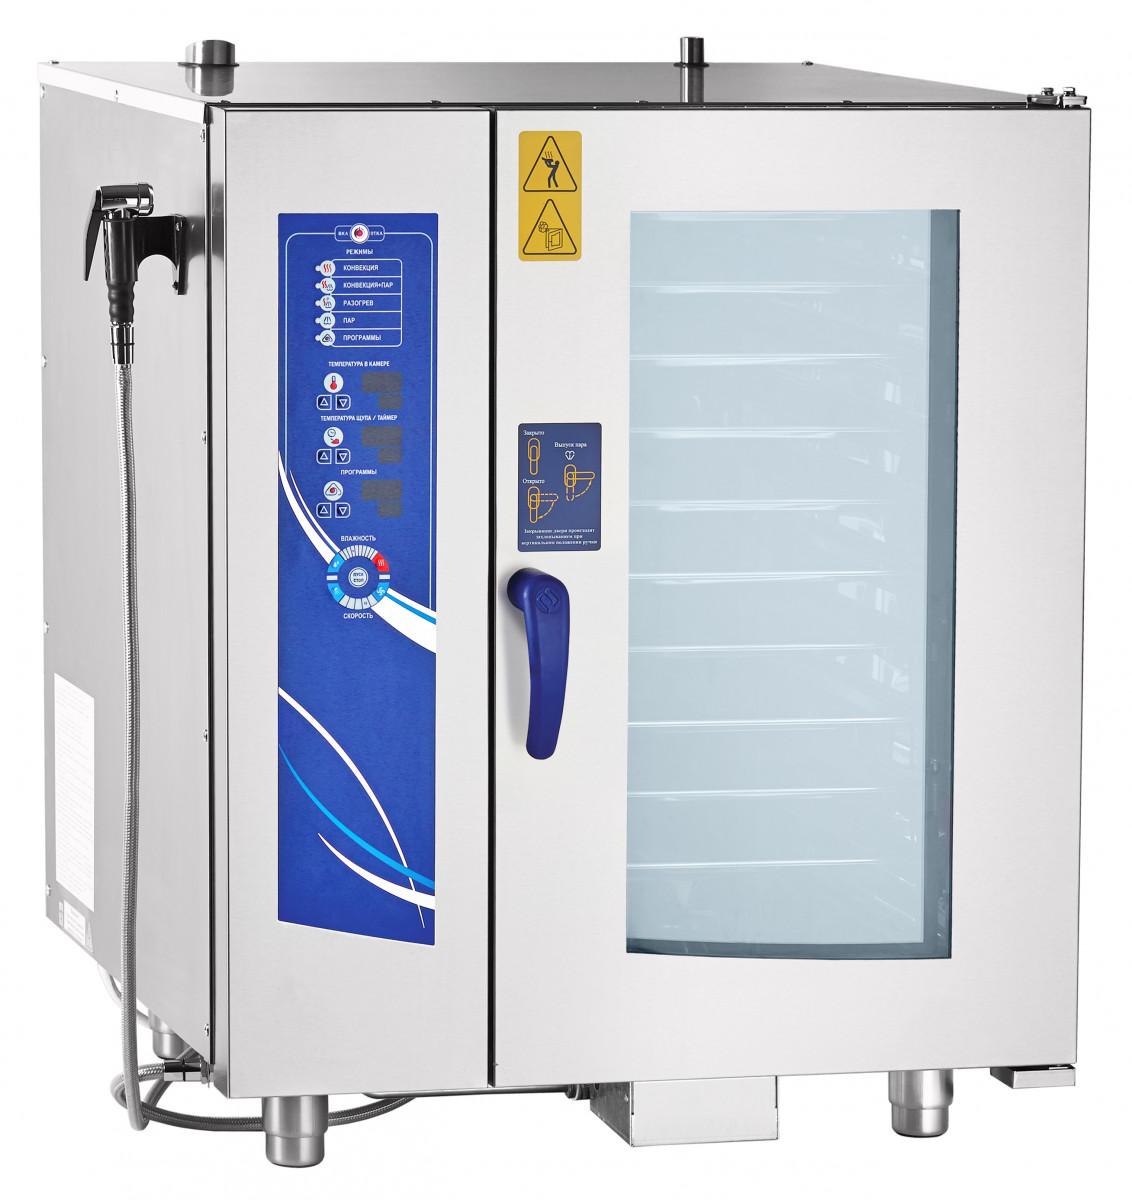 Пароконвектомат бойлерный ПКА 10-1/1ПМ2-01 (с автоматической мойкой)